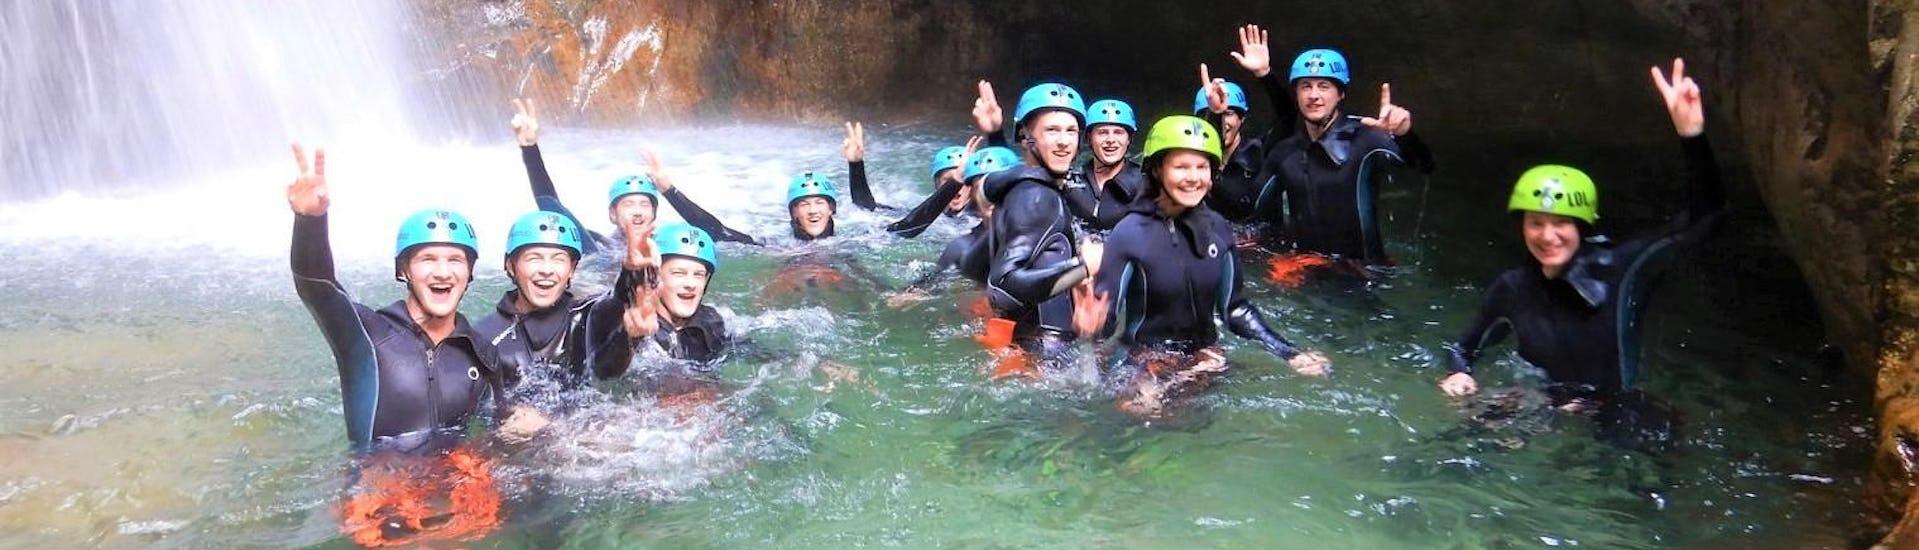 Die Teilnehmer einer Canyoning Tour am Garda See von LOLgarda posieren gemeinsam für ein Gruppenfoto im Wasser.